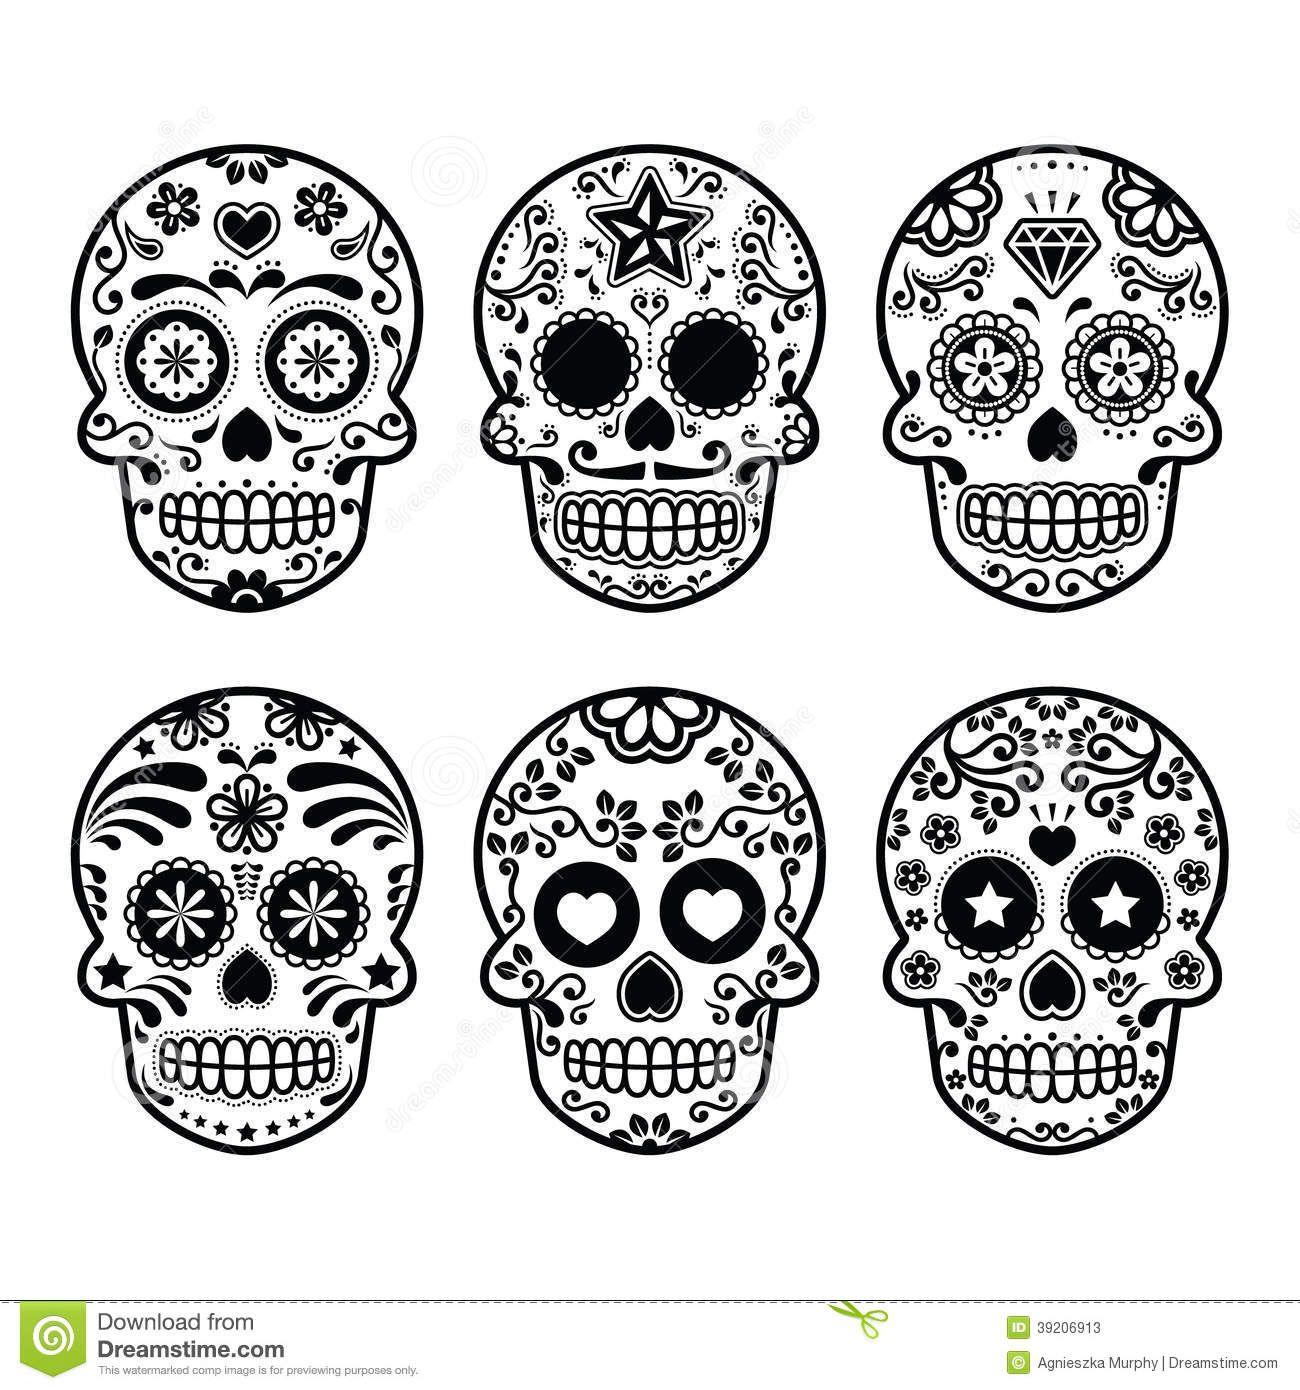 Mexican sugar skull Dia de los Muertos icons set Stock Photos